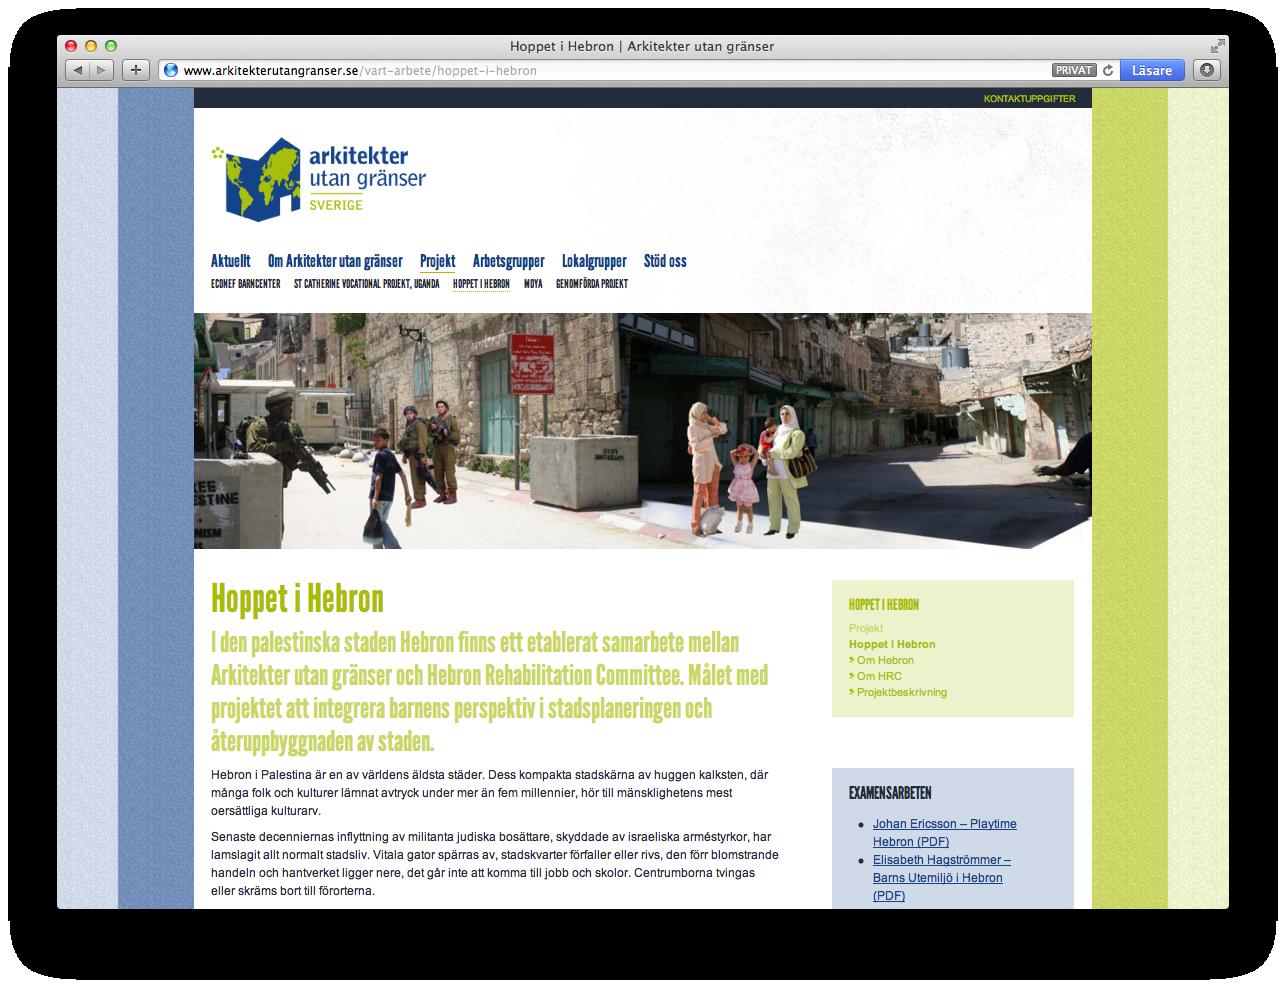 Arkitekter utan granser - projektsida